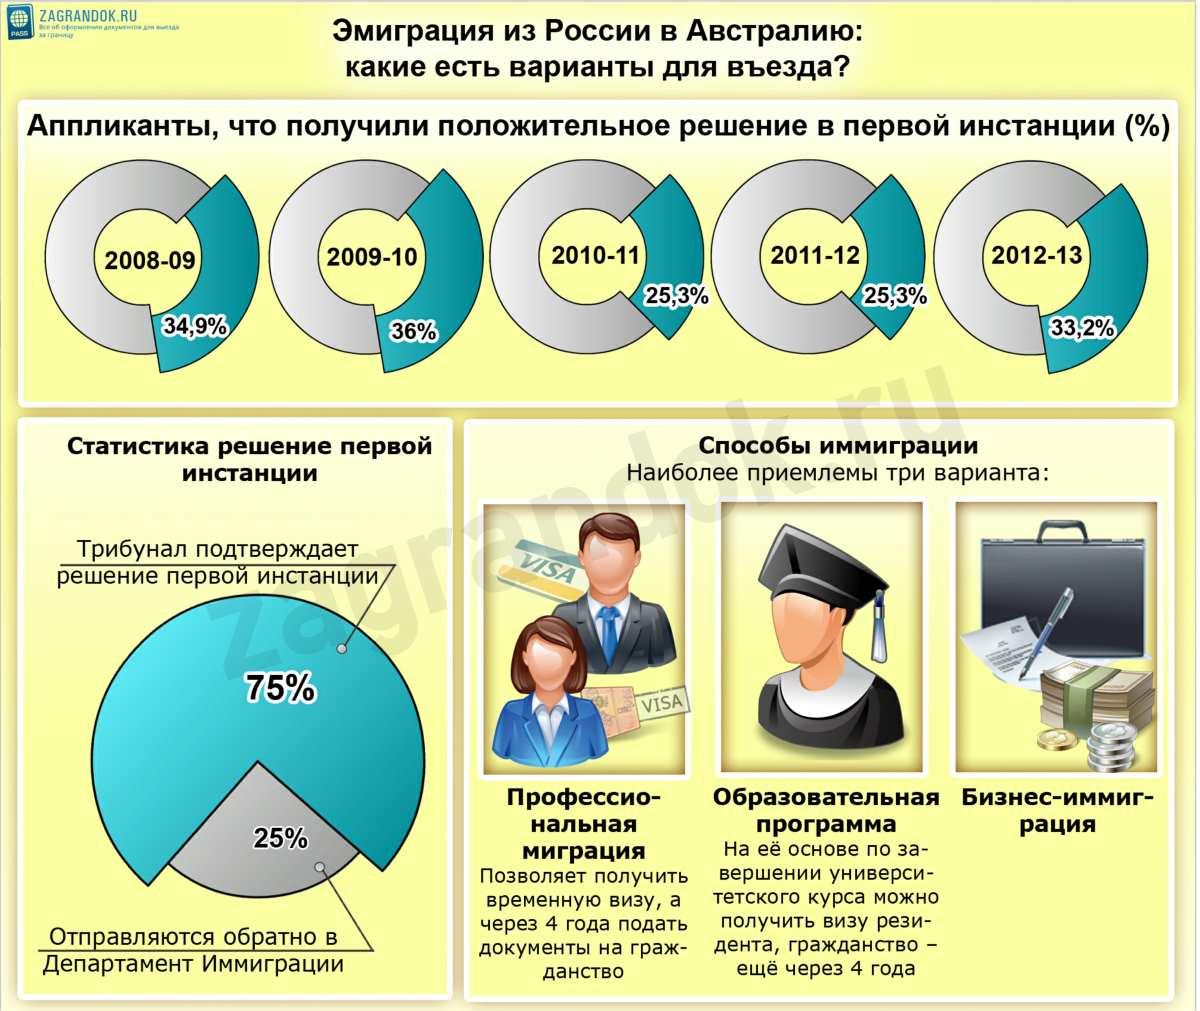 Эмиграция из России в Австралию какие есть варианты для въезда